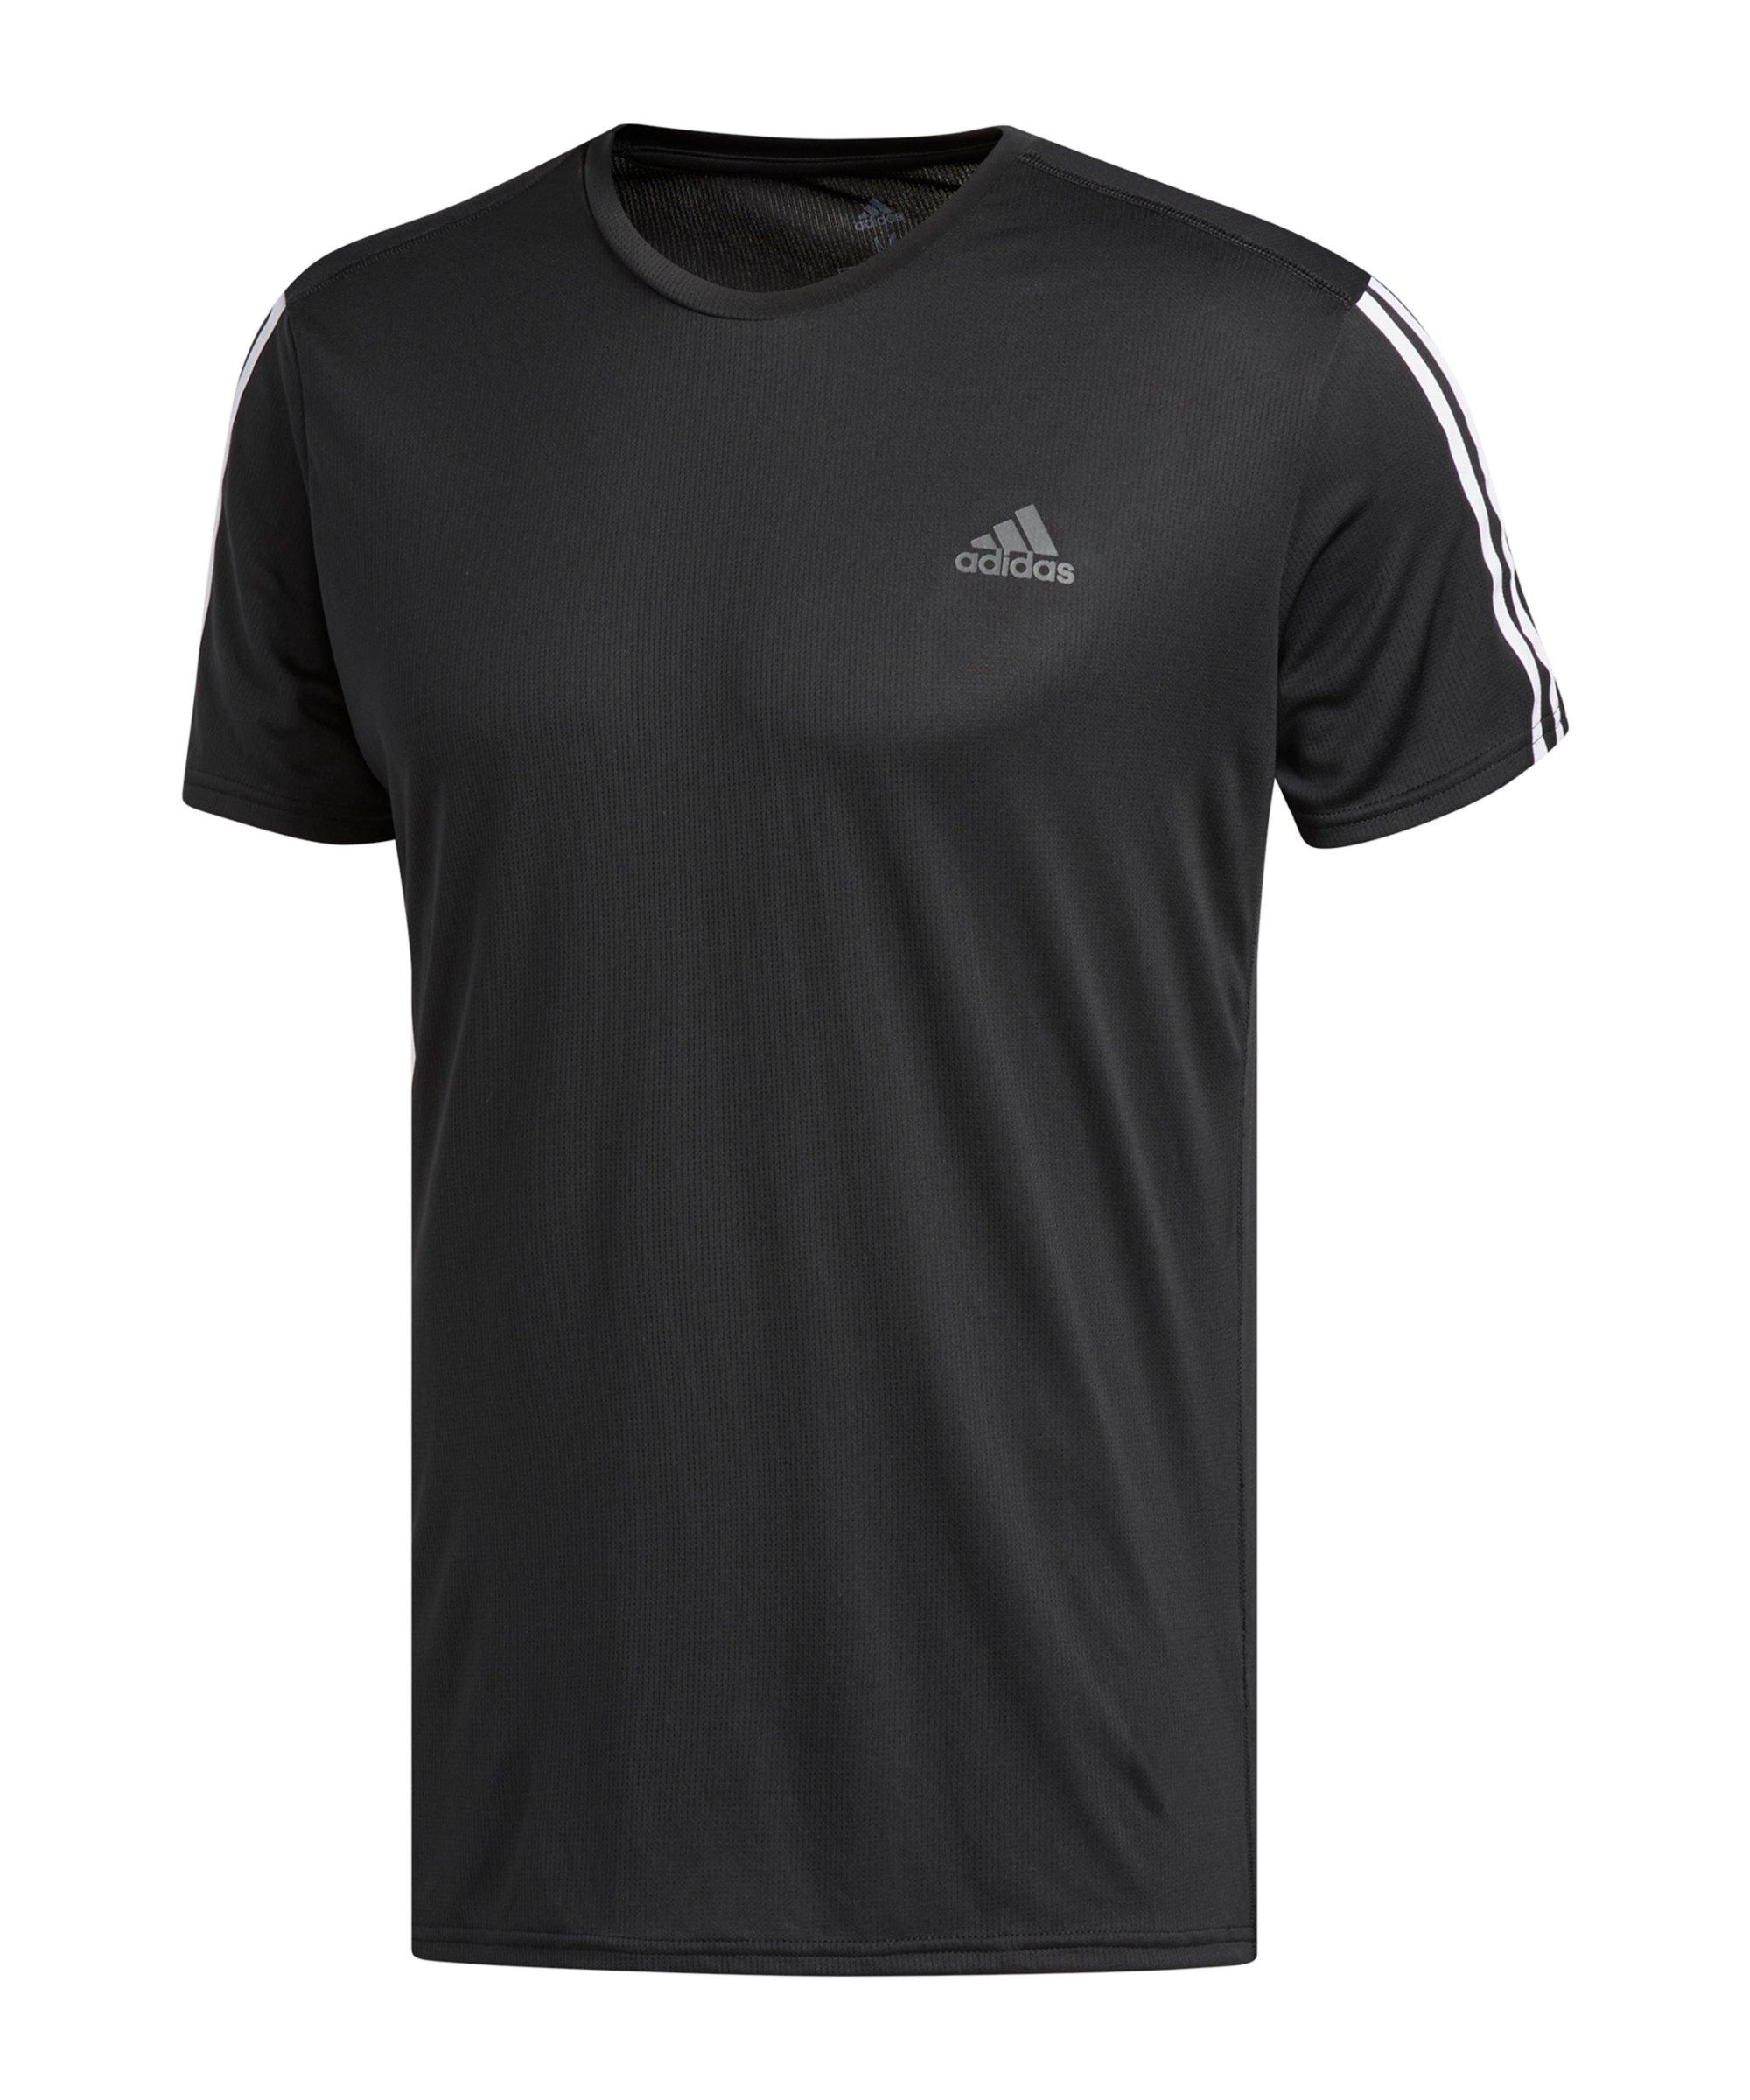 adidas Run It 3 Stripes T-Shirt Running Schwarz - schwarz